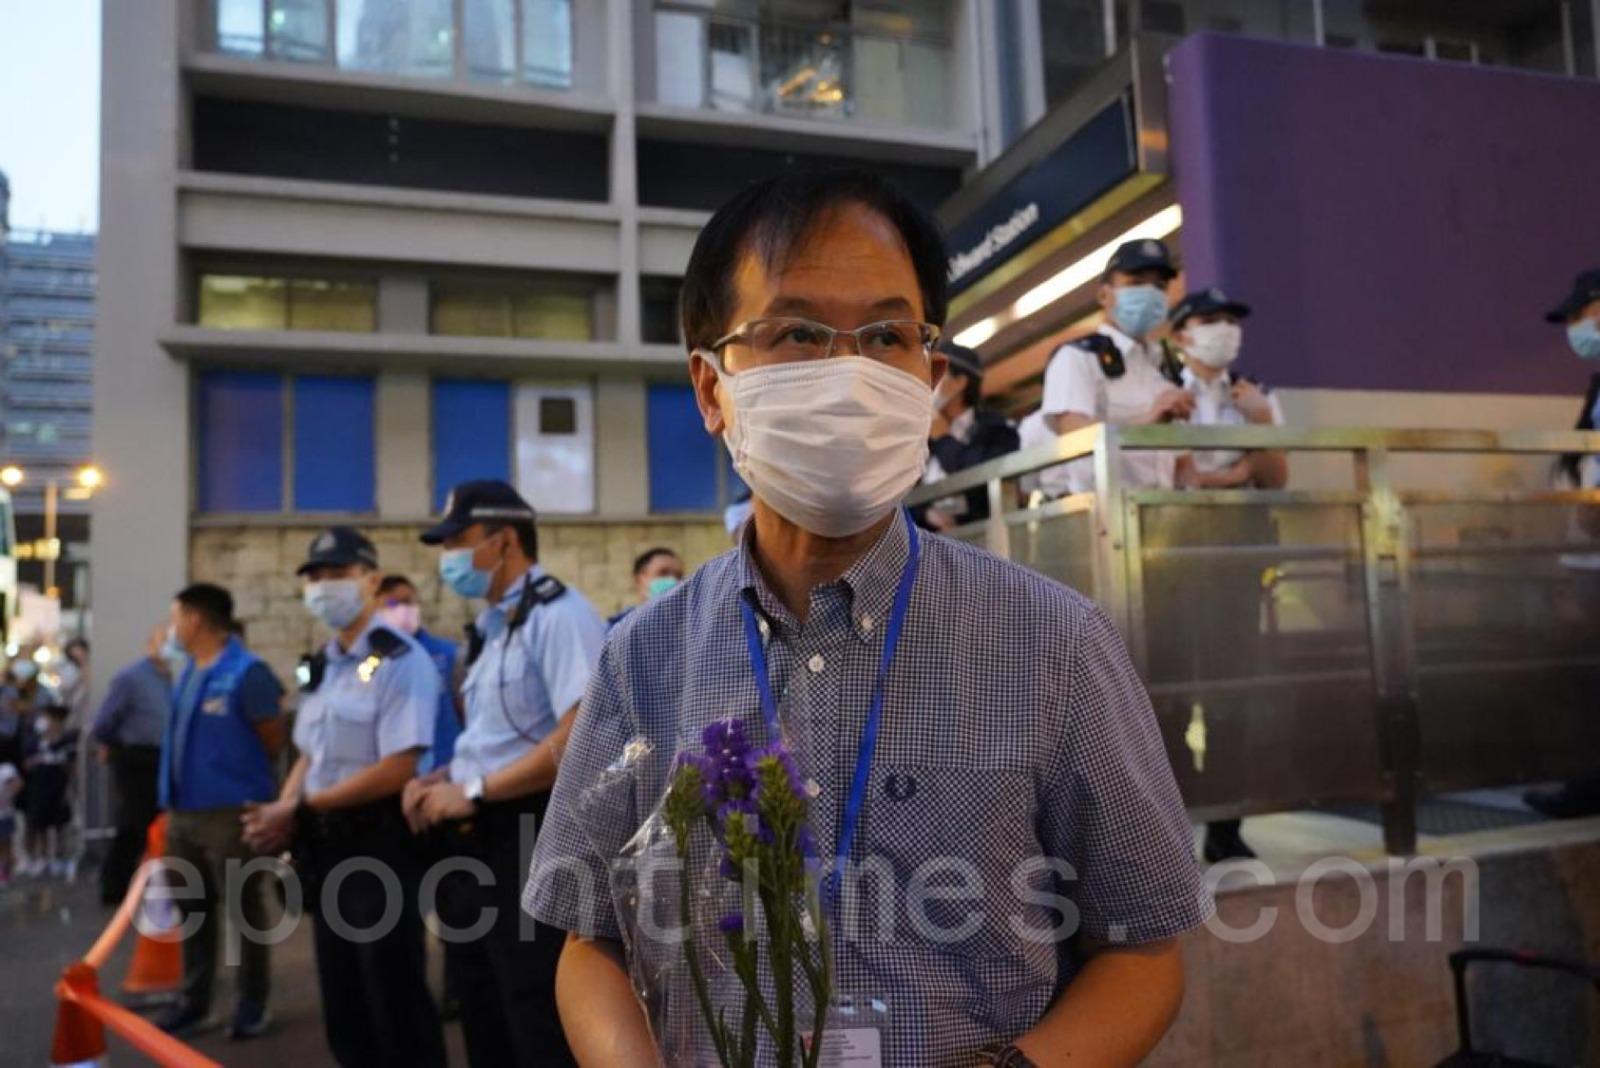 10月31日是港鐵太子站8.31事件14個月,下午陸續有市民到太子站出口外獻花。(Wendy/大紀元)